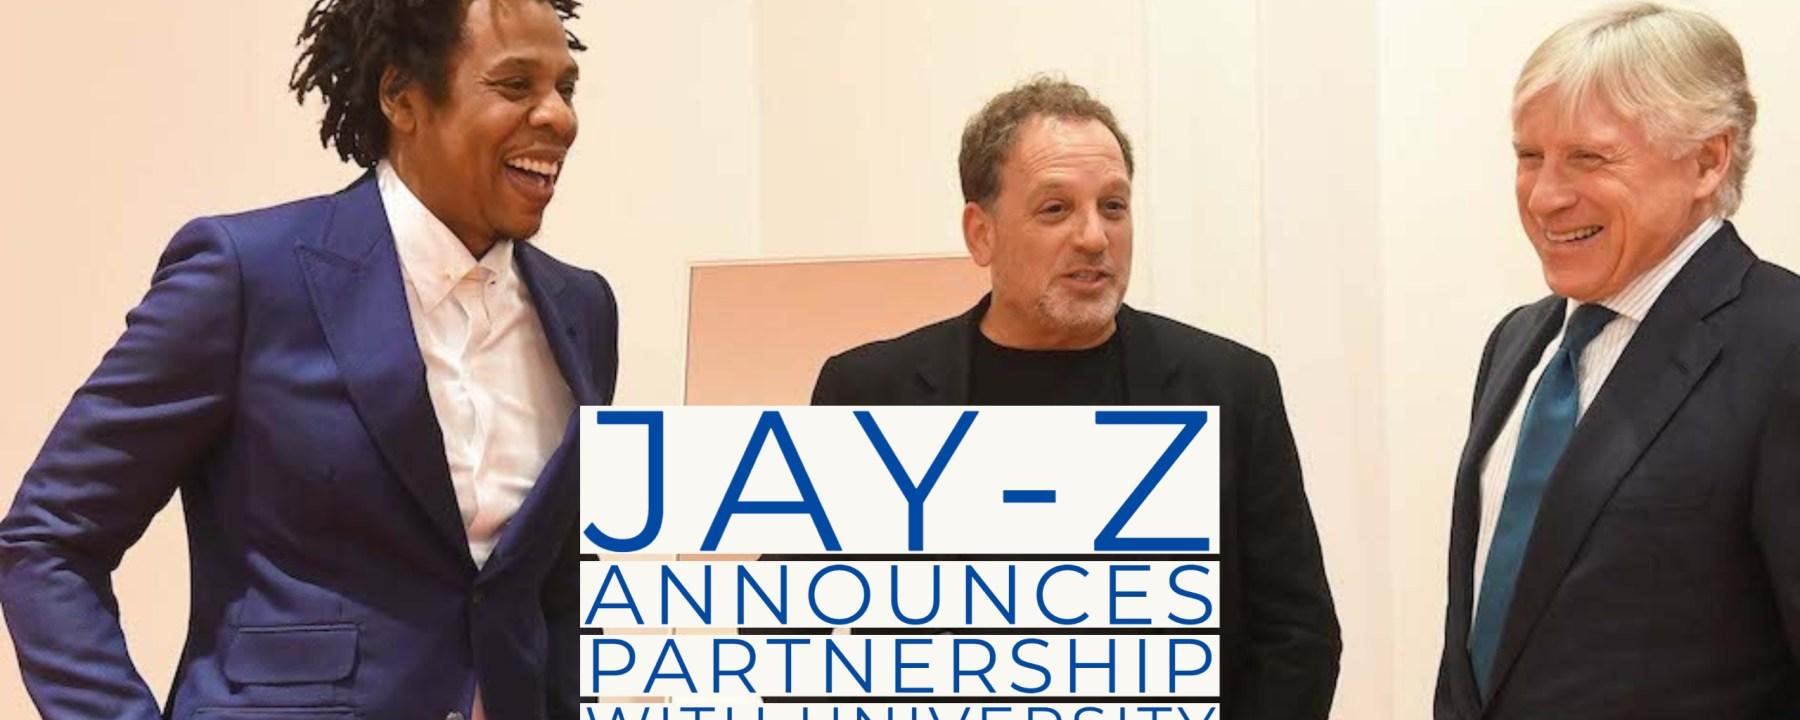 Jay-Z University